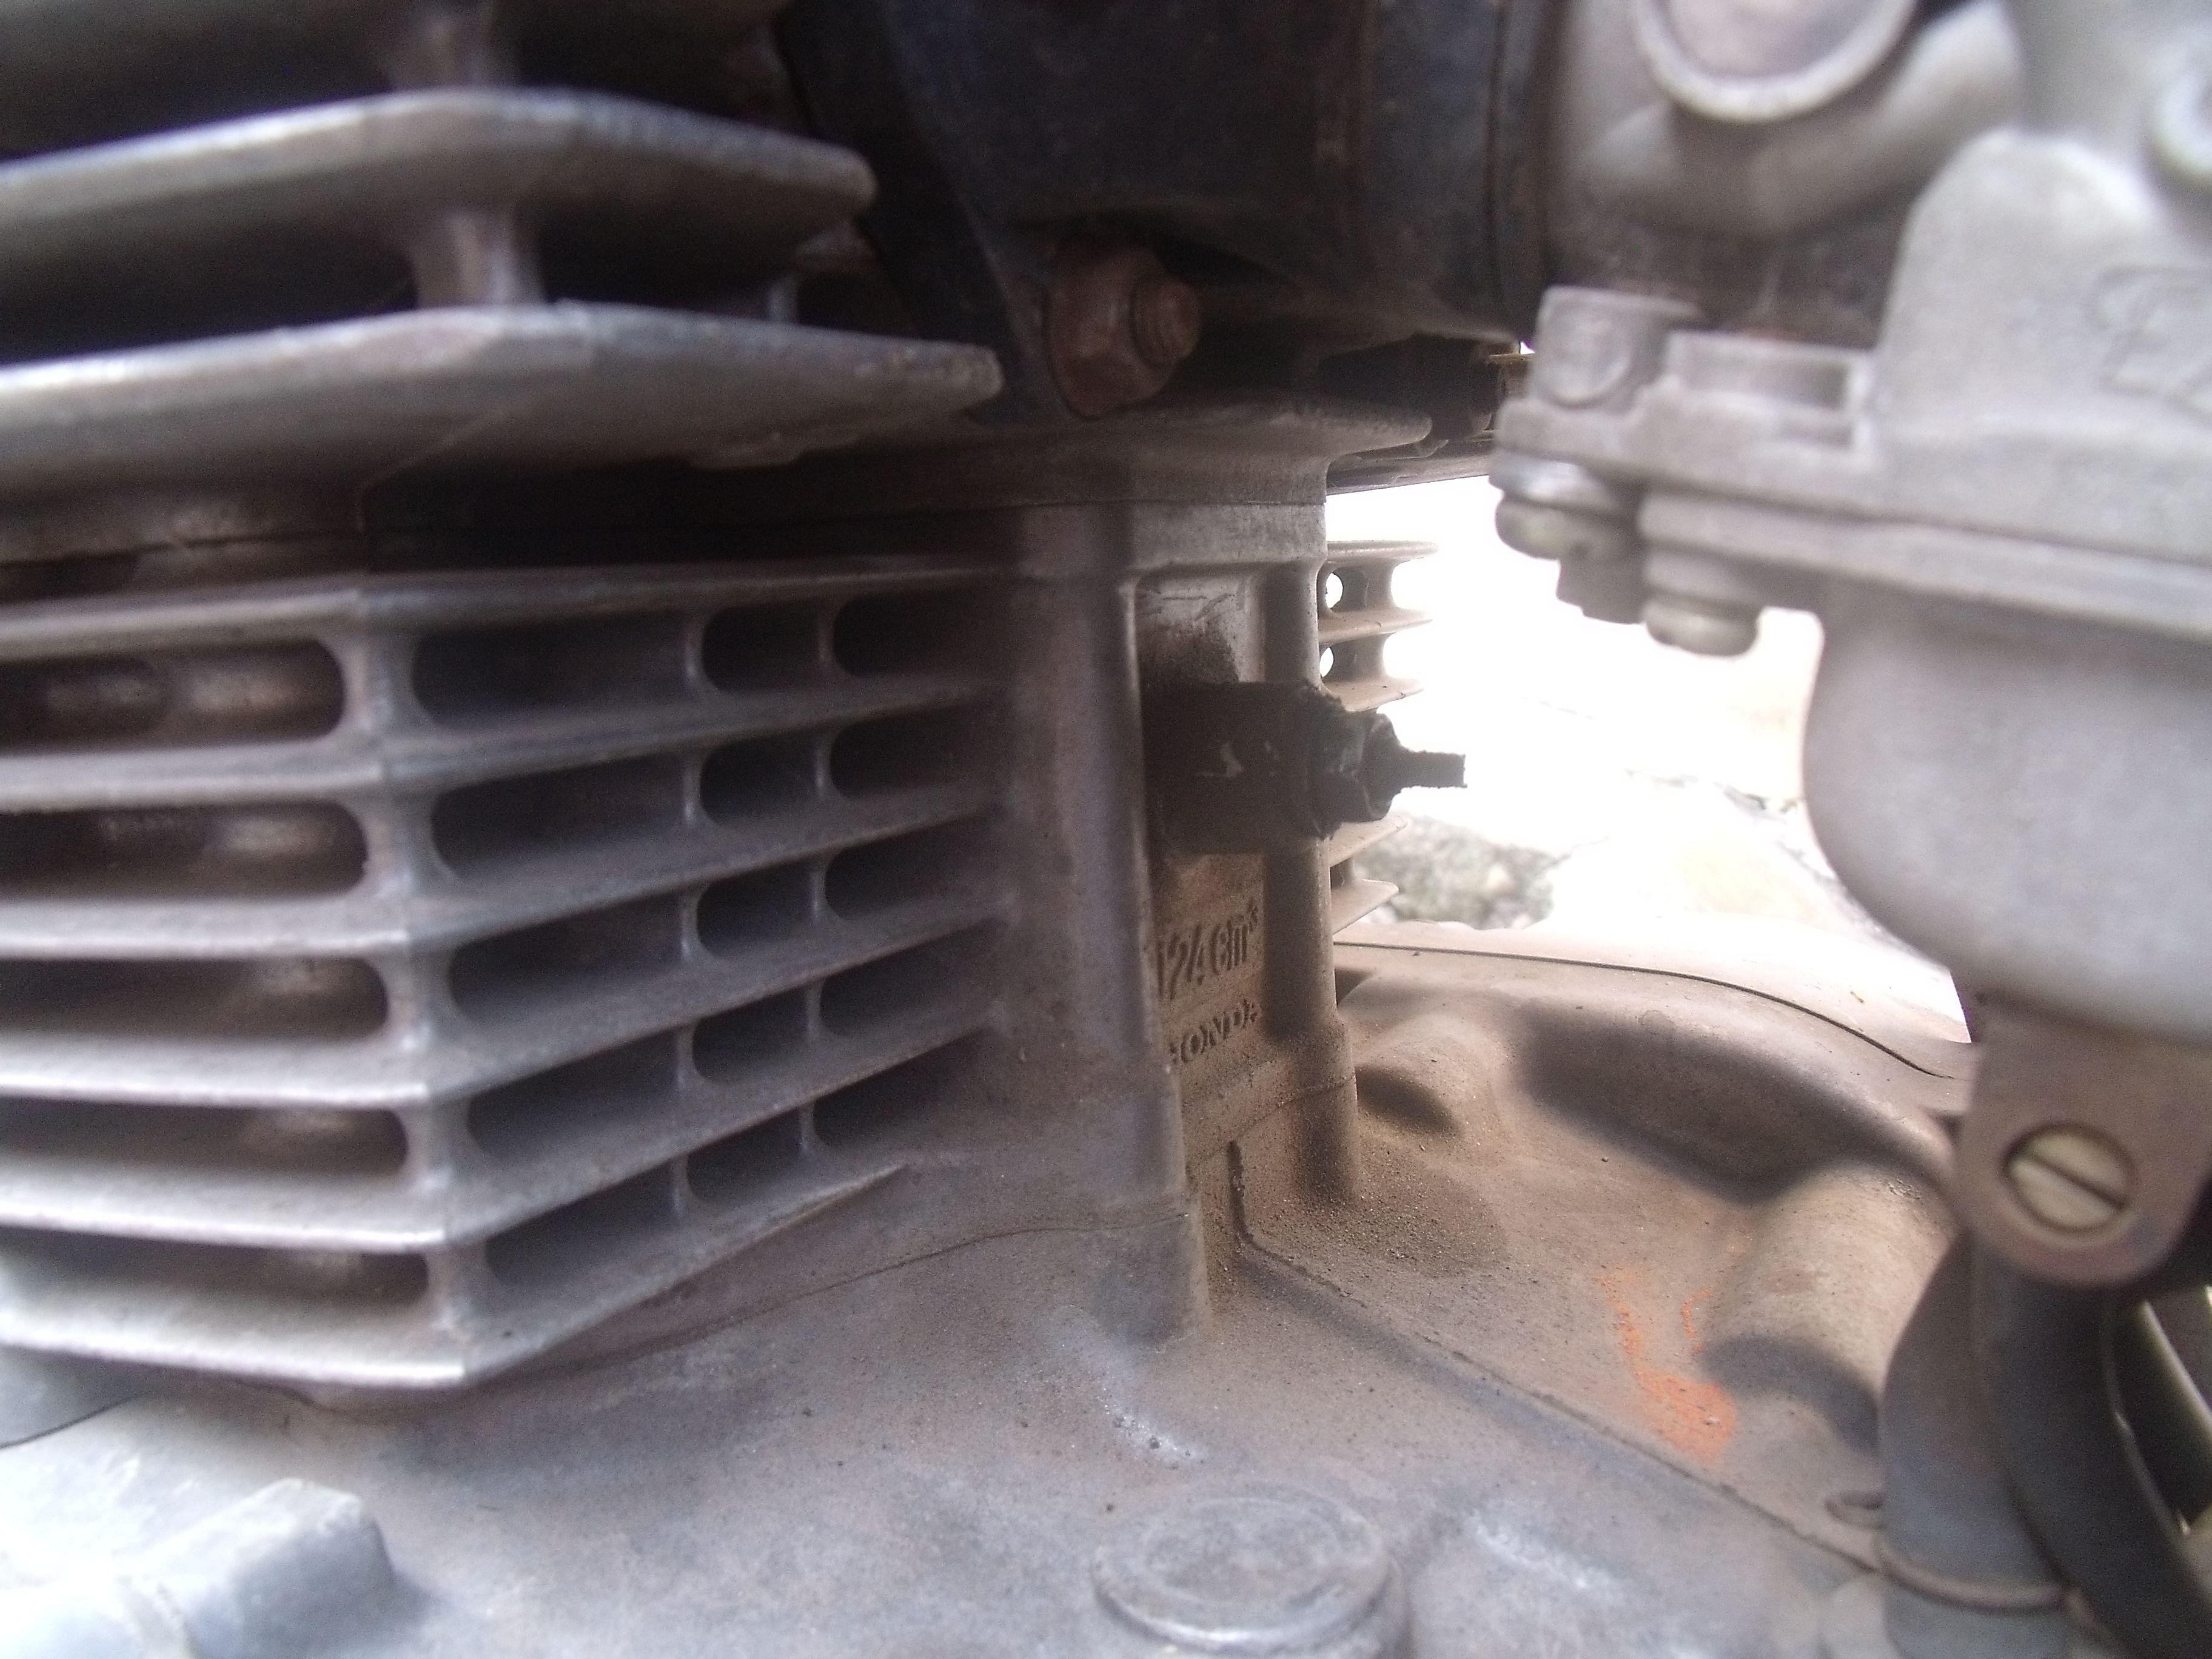 本田王摩托车发动机上面有一个可以调节的螺丝是做什么用的,图中间那图片